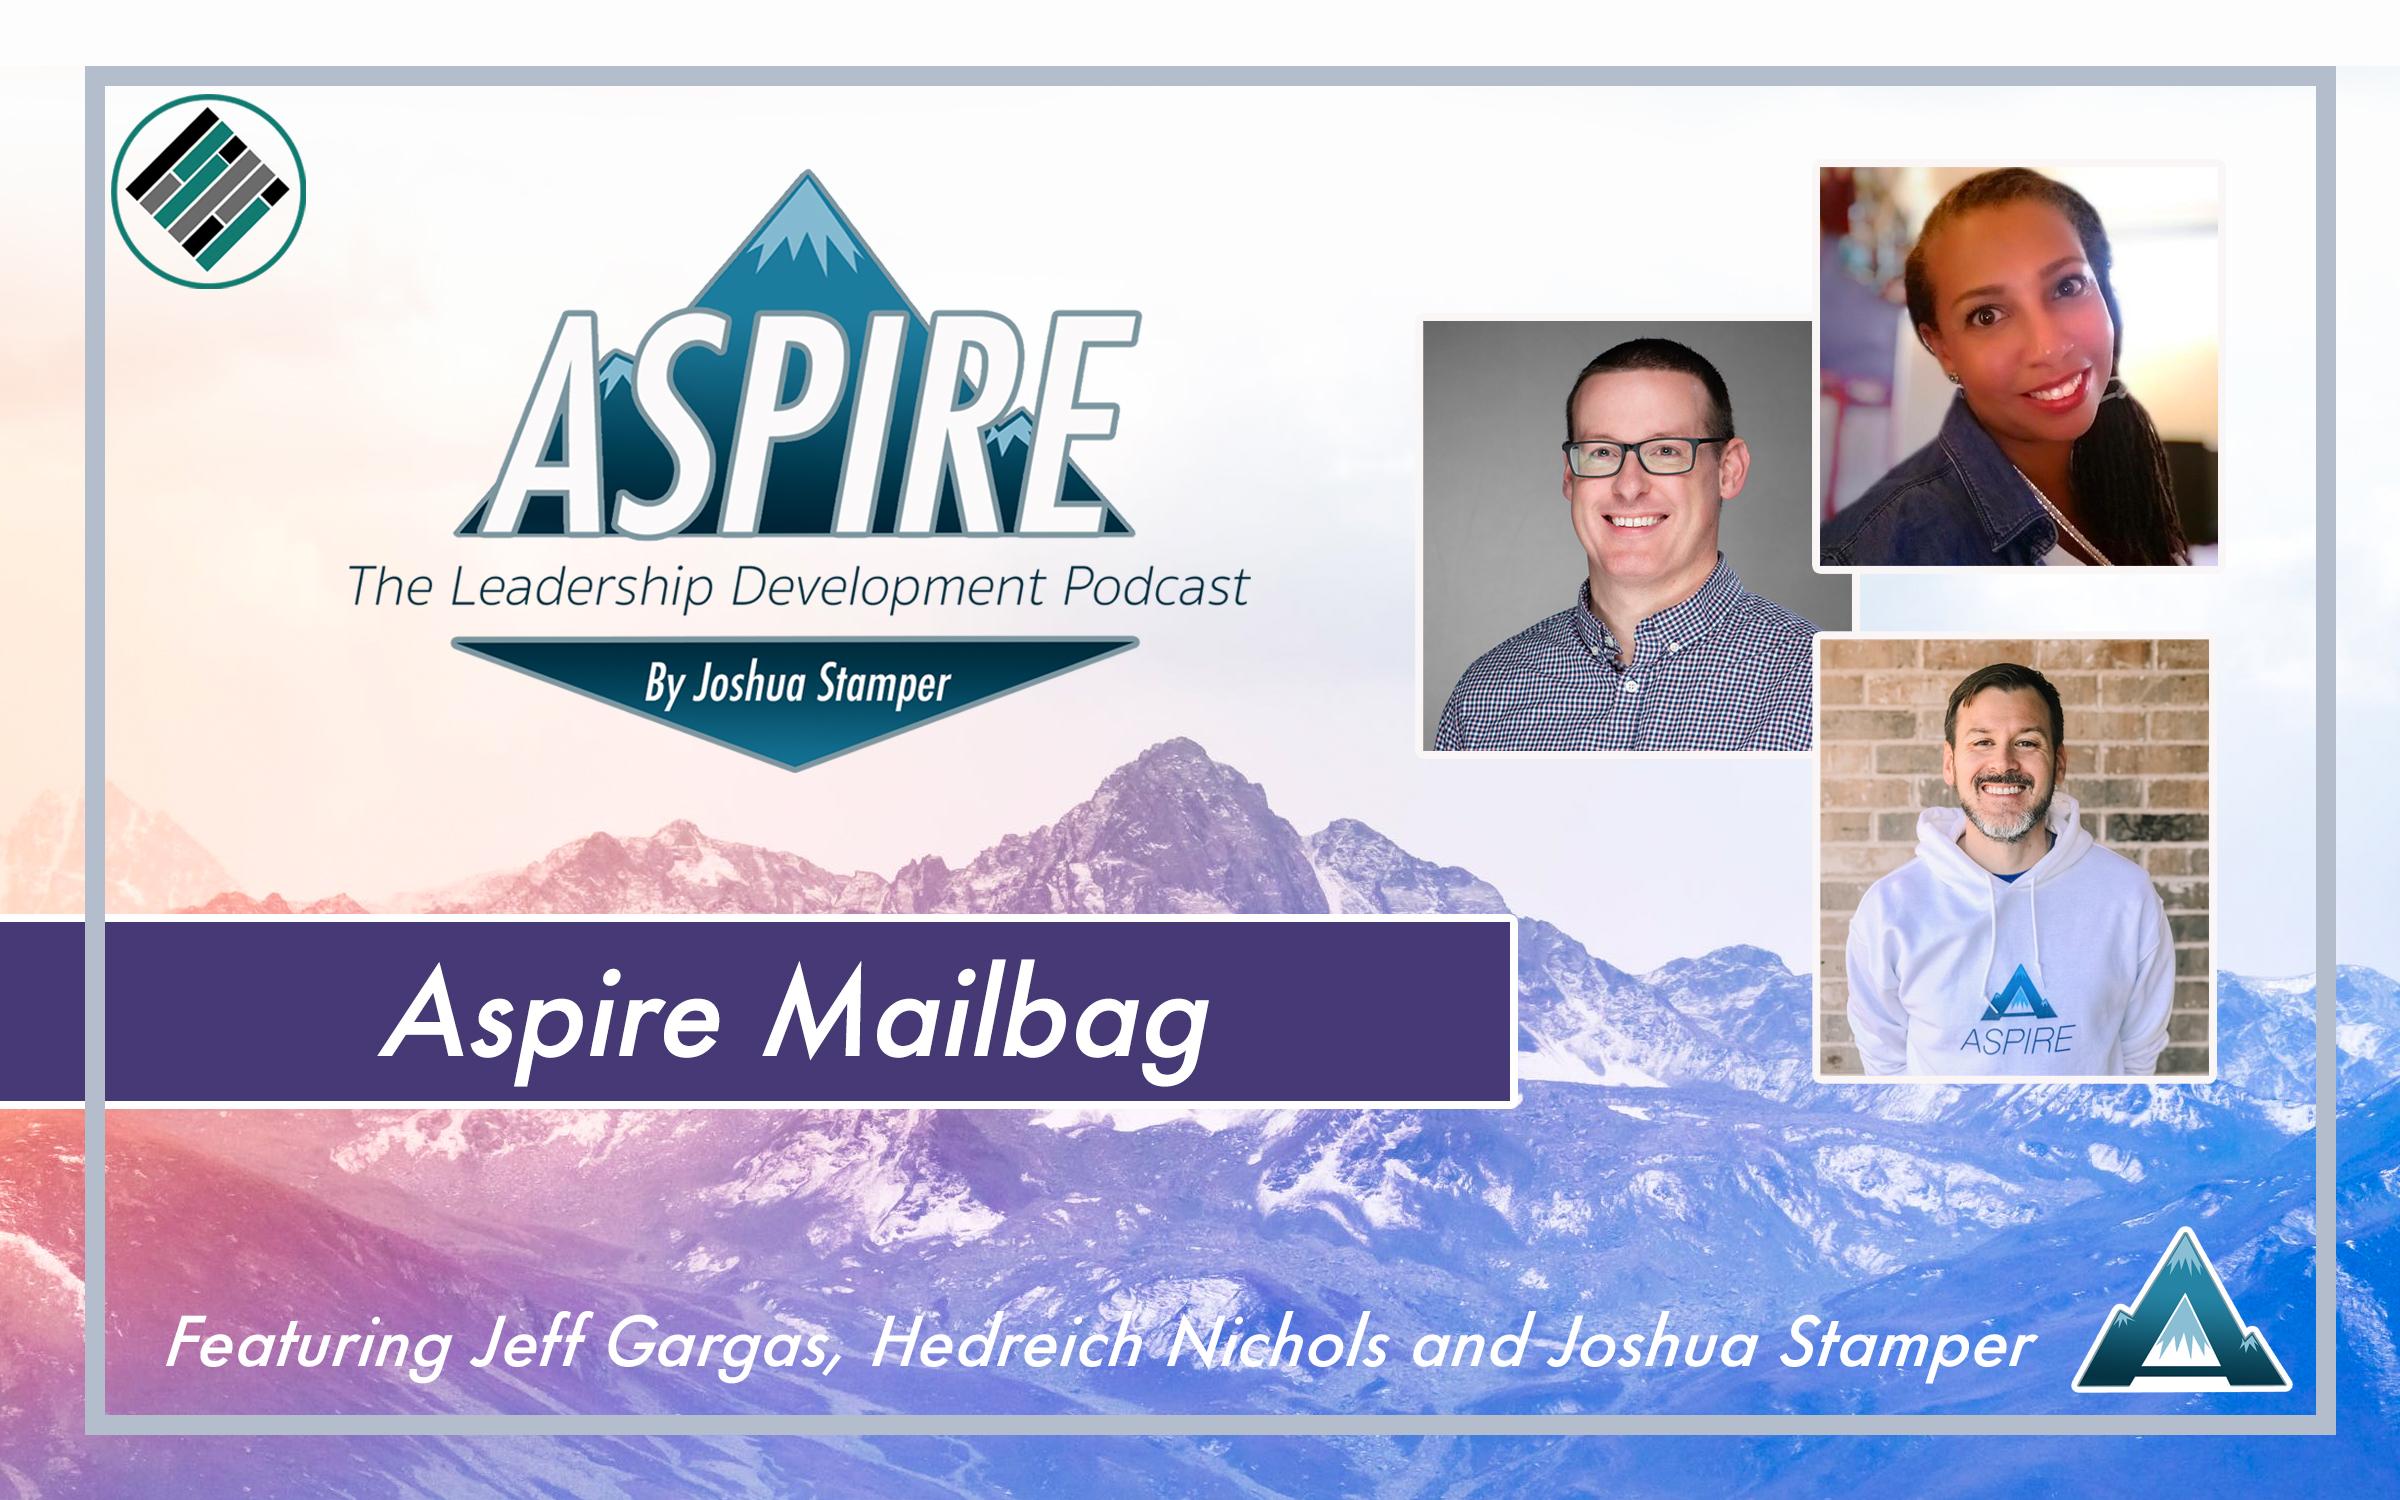 Aspire Mailbag, Joshua Stamper, Aspire: The Leadership Development Podcast, Jeff Gargas, Hedreich Nichols, Teach Better